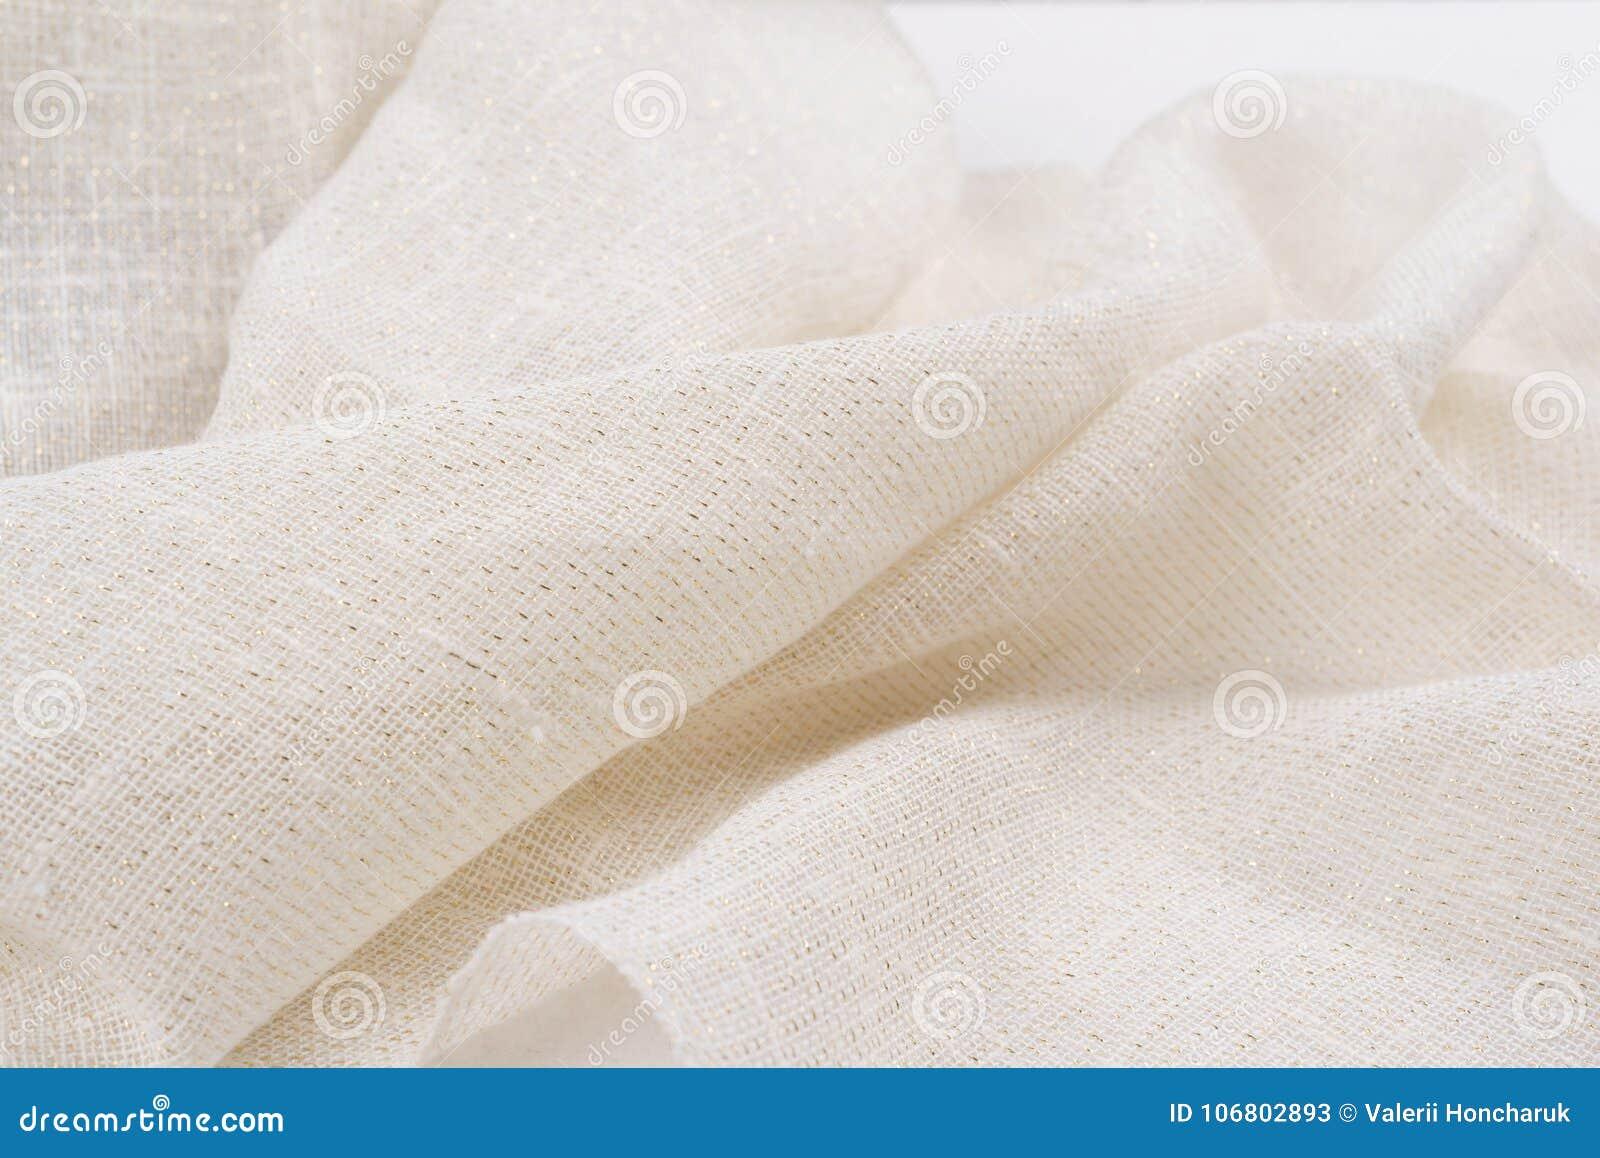 Download Ein Leinen Des Natürlichen Gewebes Sackleinen Gemasert Beschaffenheit, Hintergrund Stockbild - Bild von grau, hessian: 106802893